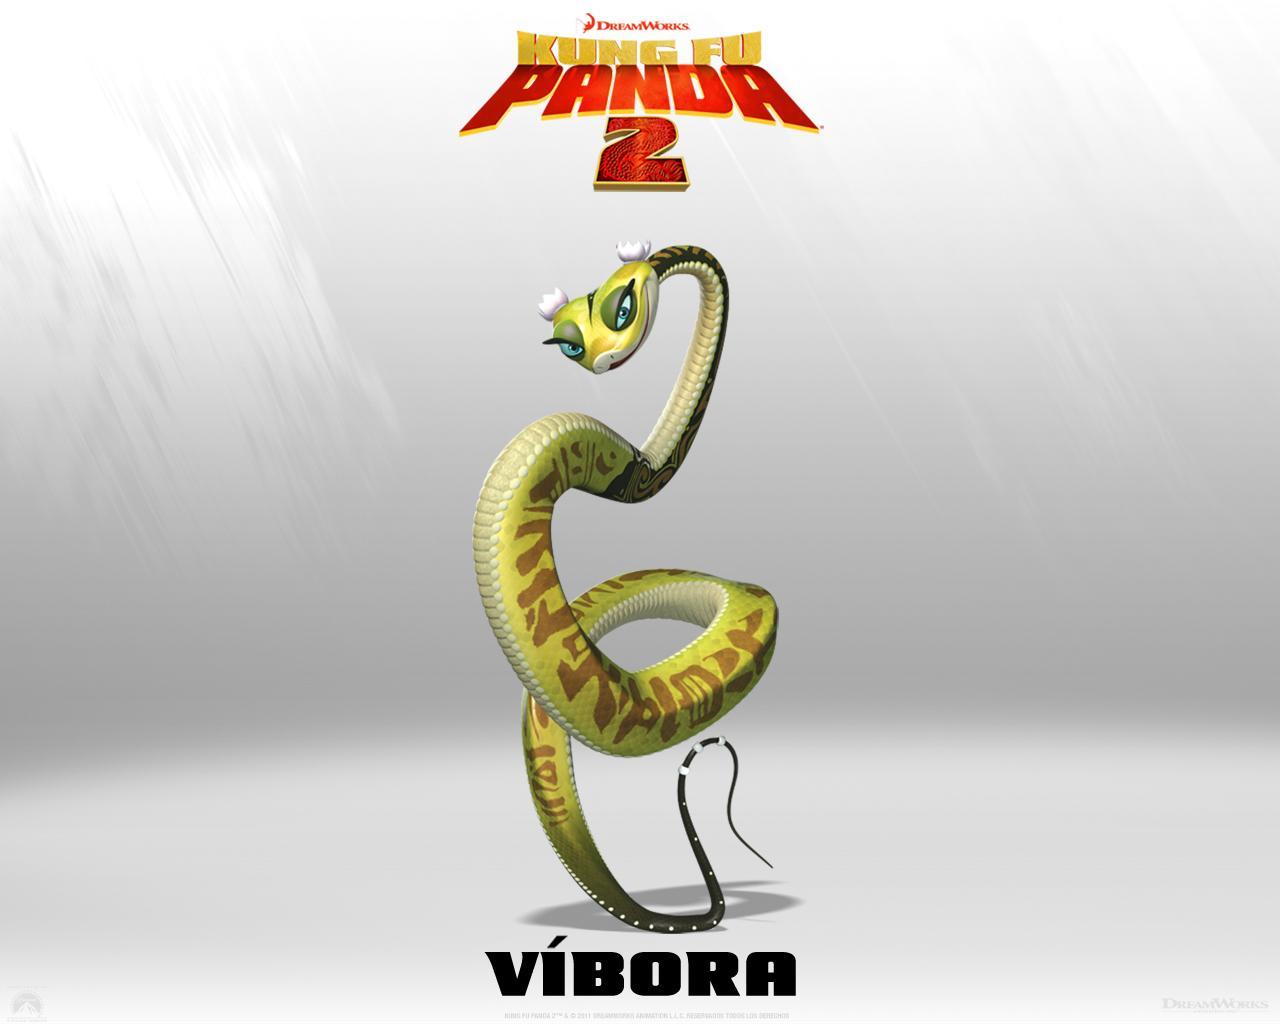 http://4.bp.blogspot.com/-43Y3XYiJQFM/Te9UMGLdtCI/AAAAAAAAIOA/AdubaB_B23E/s1600/kfp2-wp-1024-viper.jpg